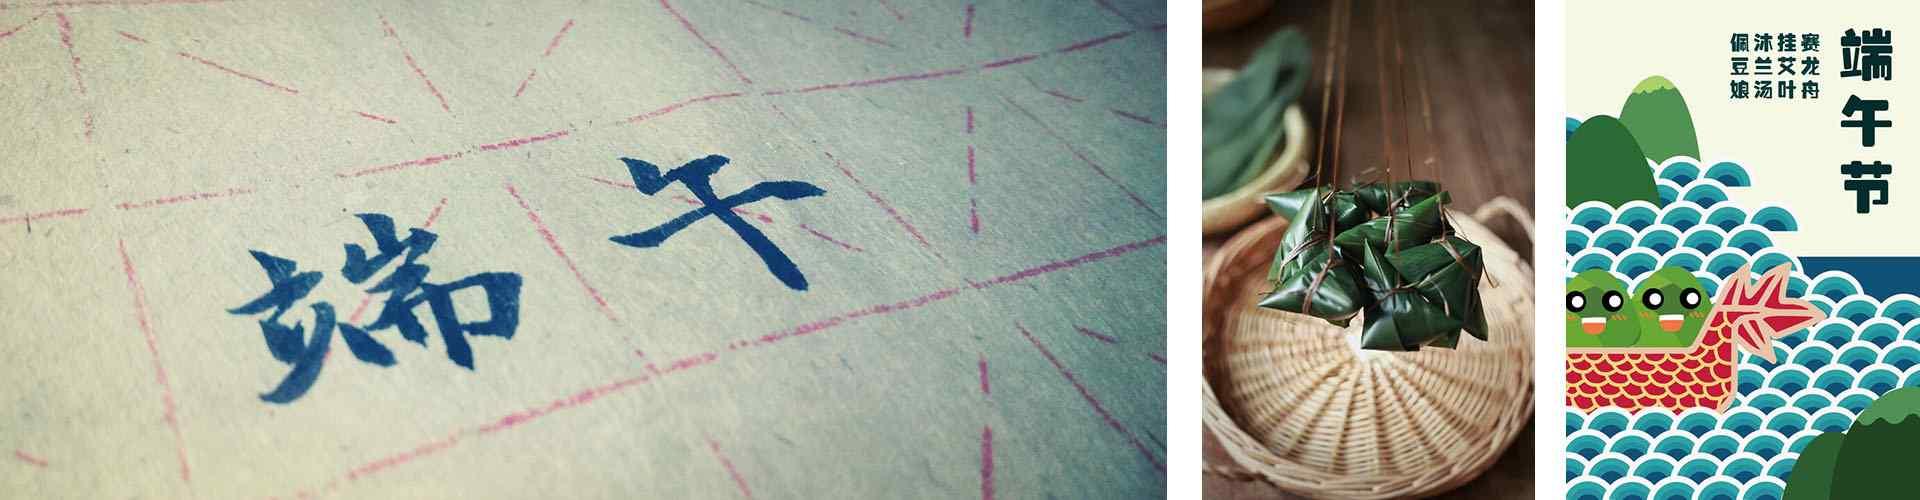 2017年端午_端午图片壁纸_手绘端午桌面壁纸_粽子、龙舟、屈原图片_端午节图片大全